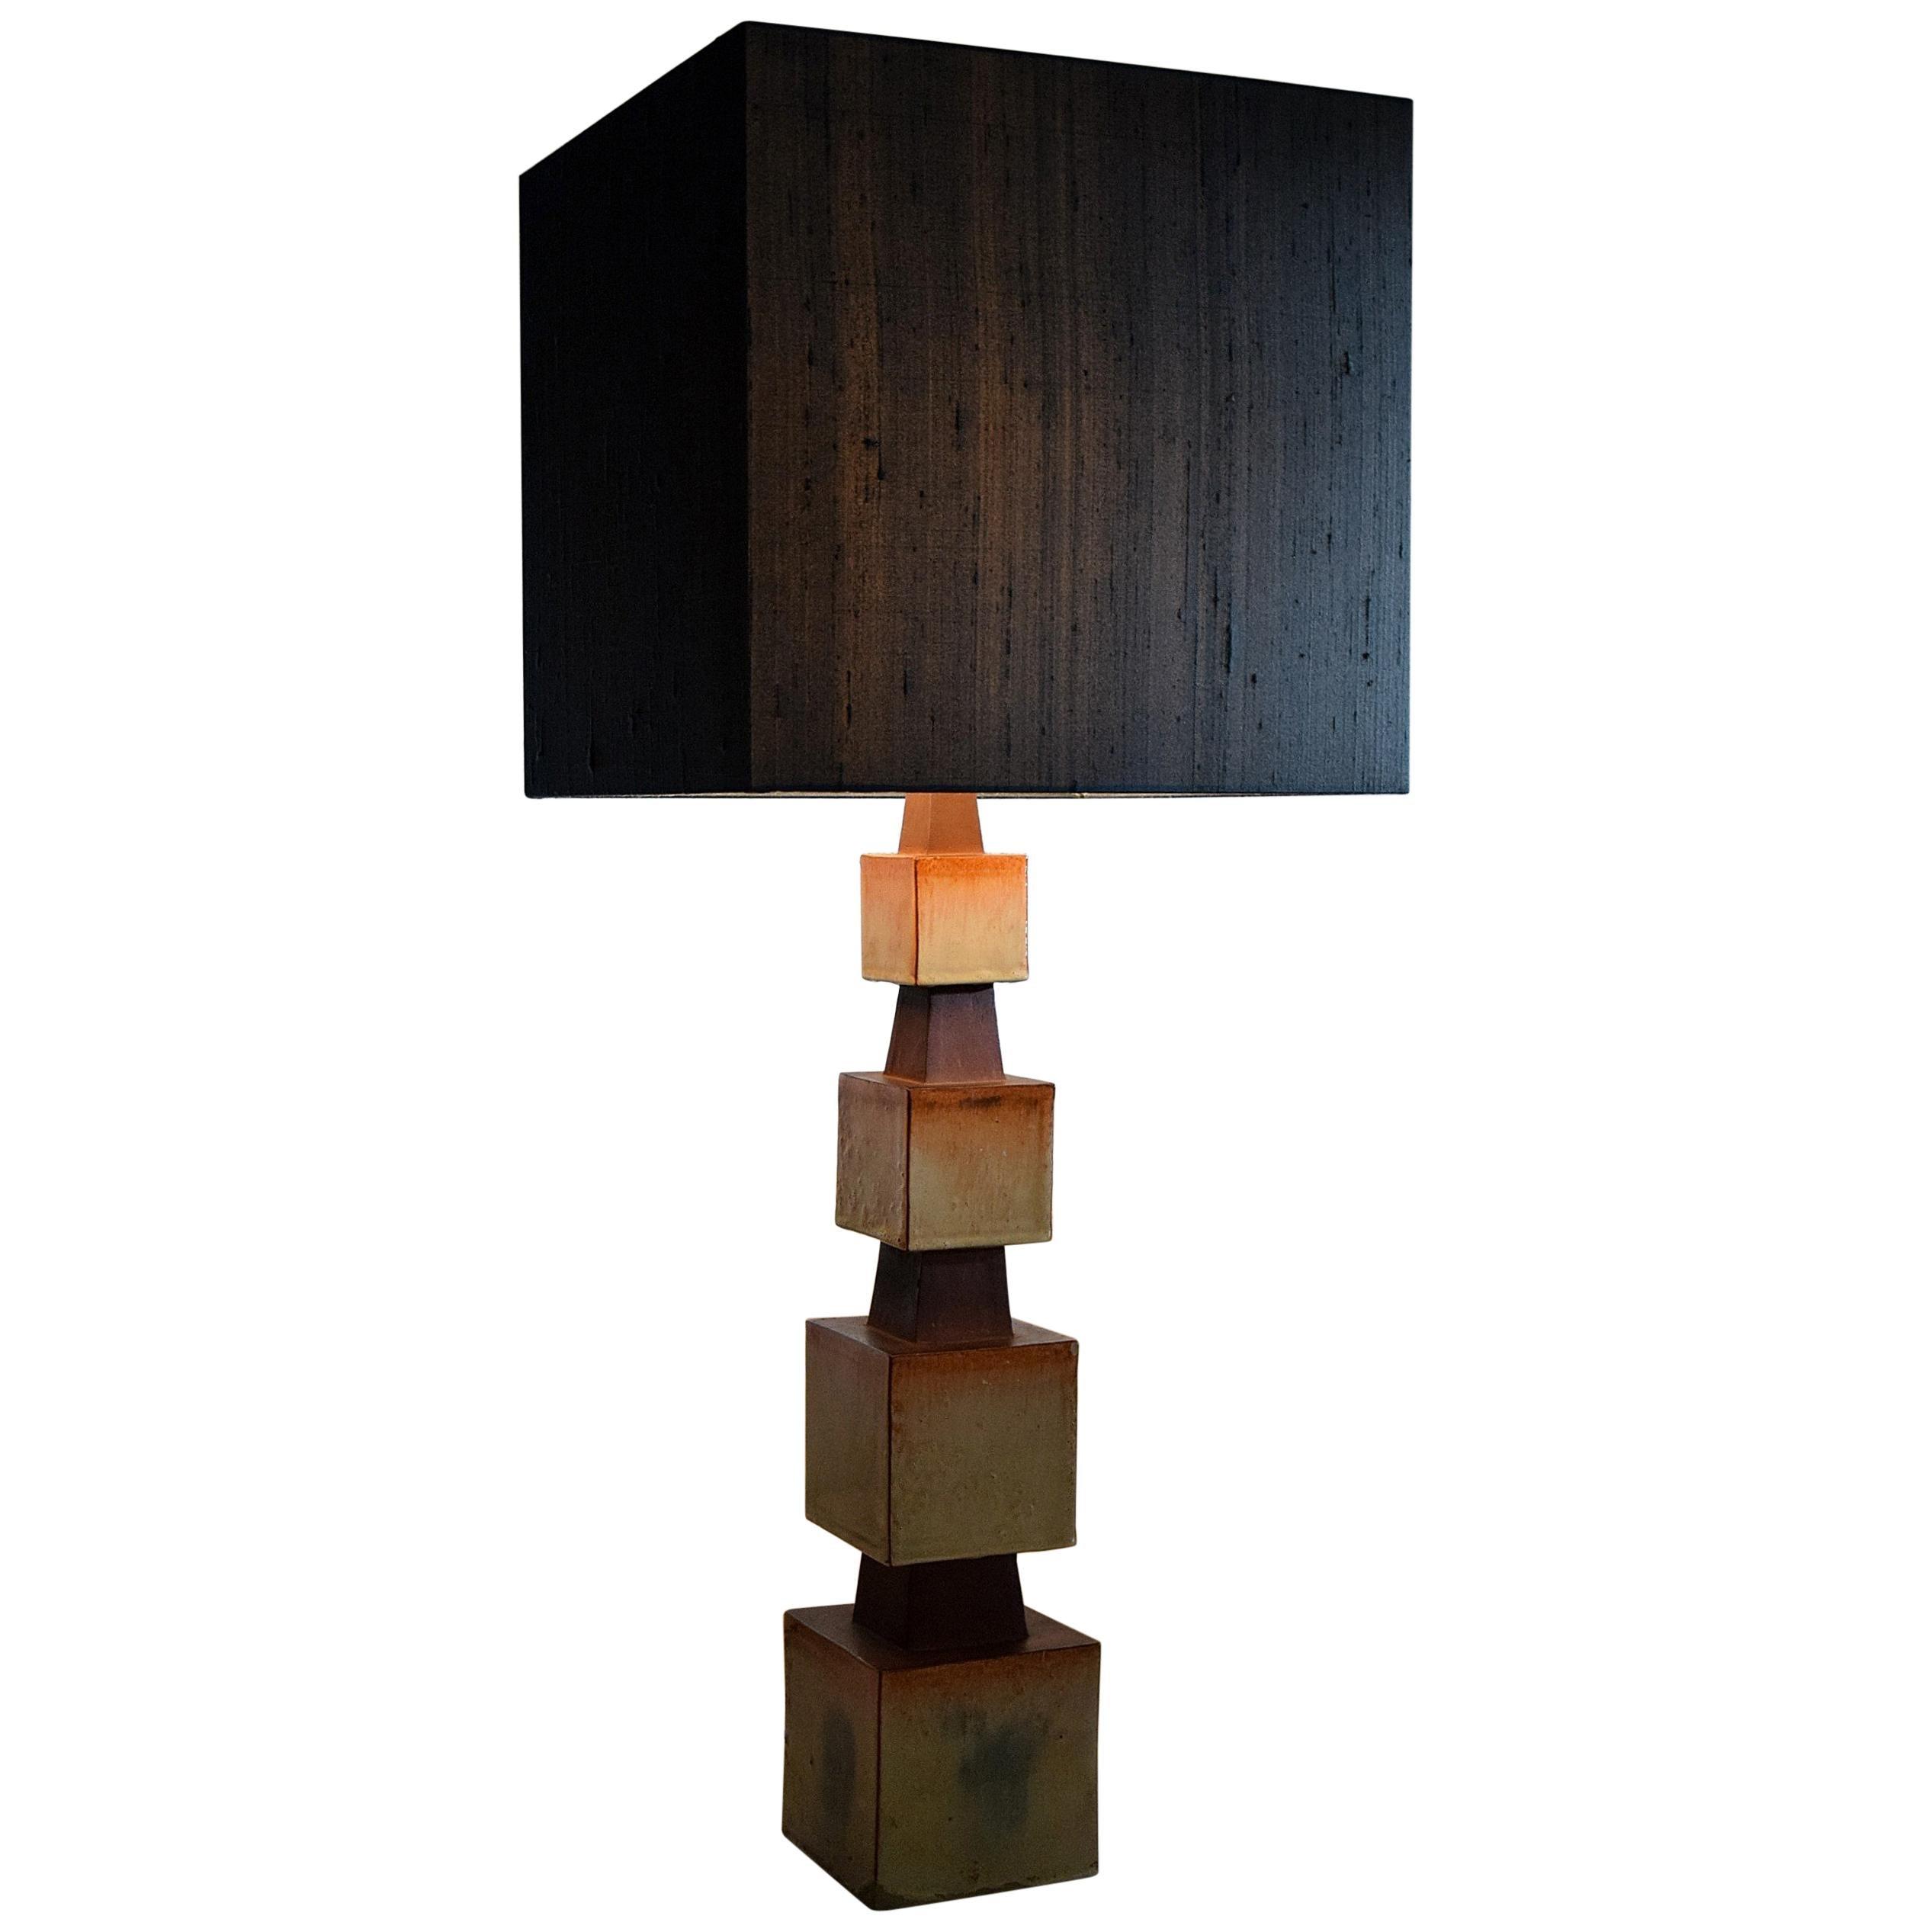 Unique Midcentury Ceramic Table Lamp